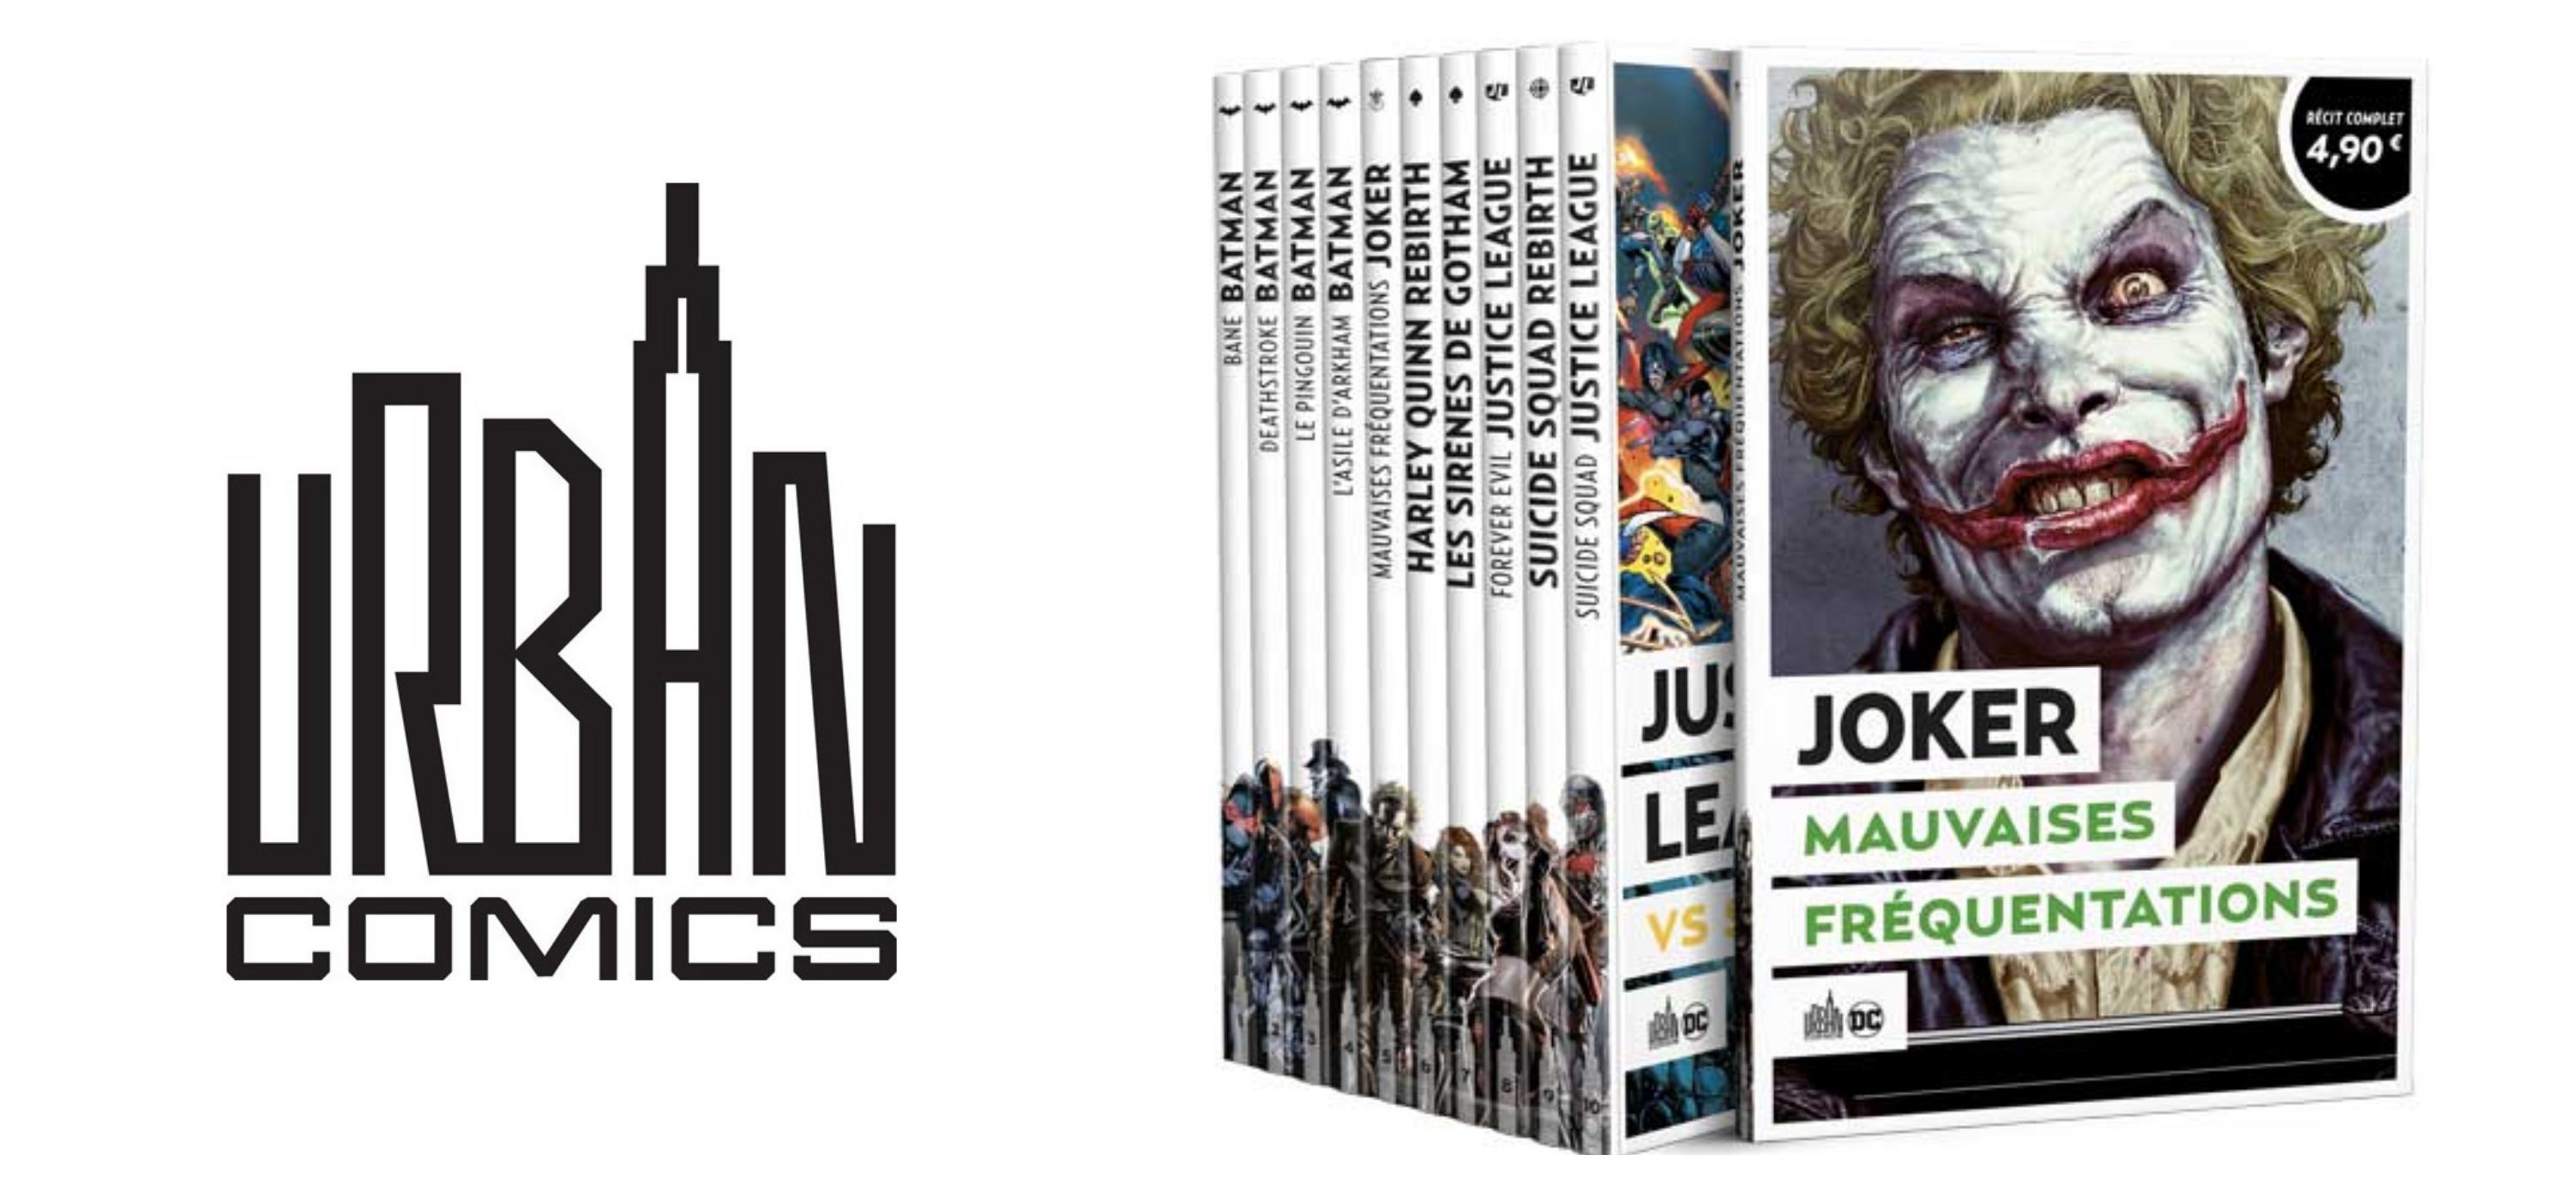 Le meilleur de DC Comics à 4,90 €